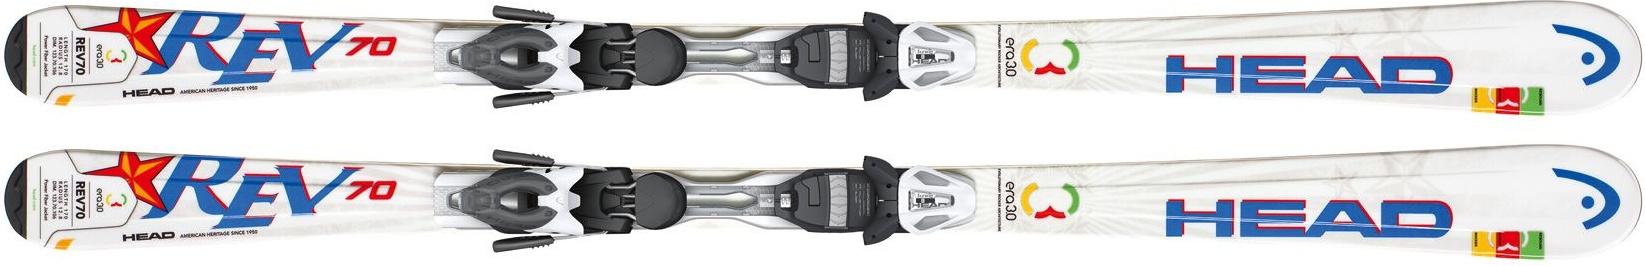 Горные лыжи Head REV 70 R TREK